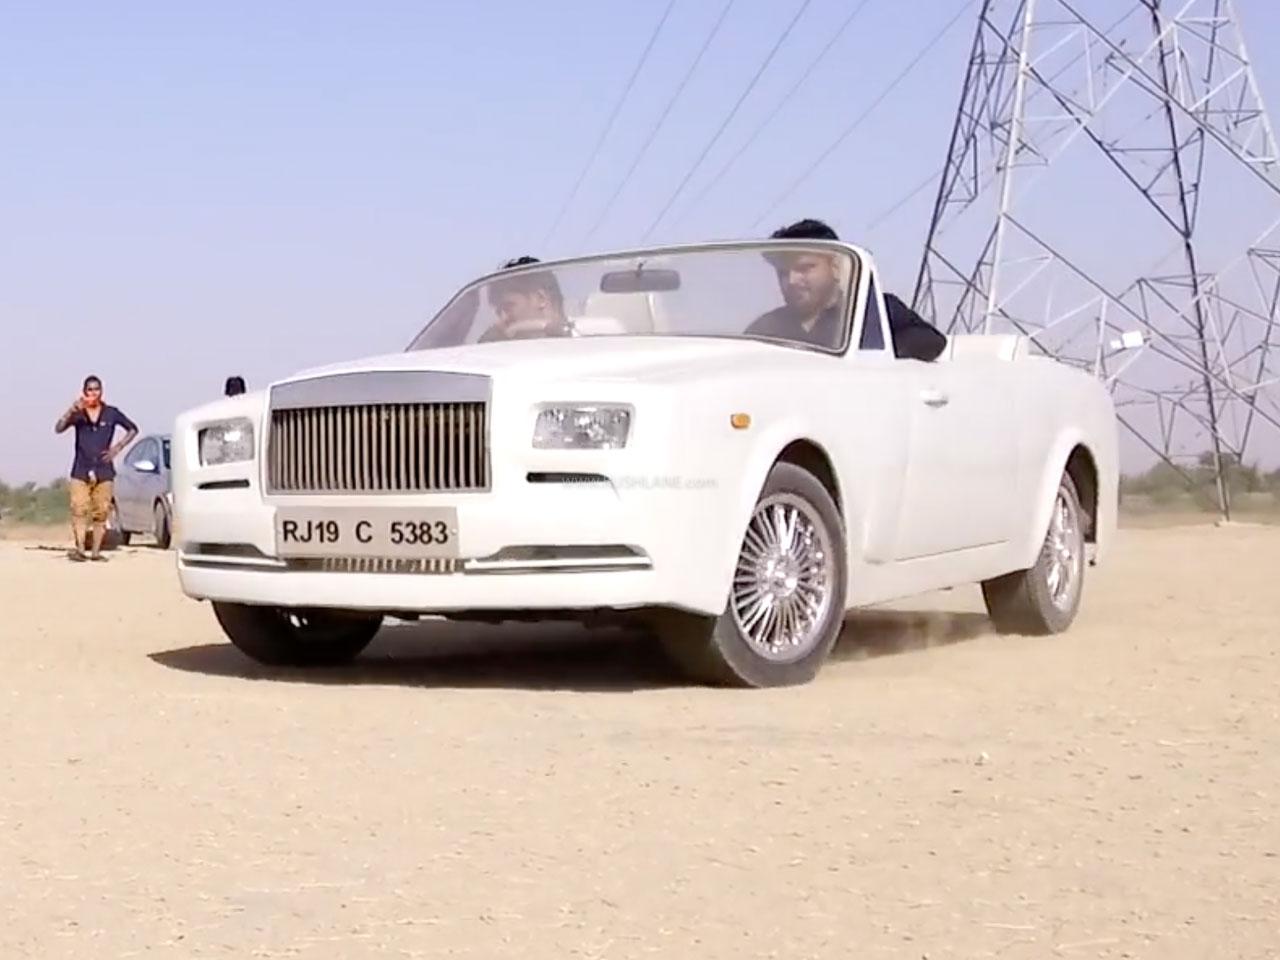 Fiat modified as Rolls Royce